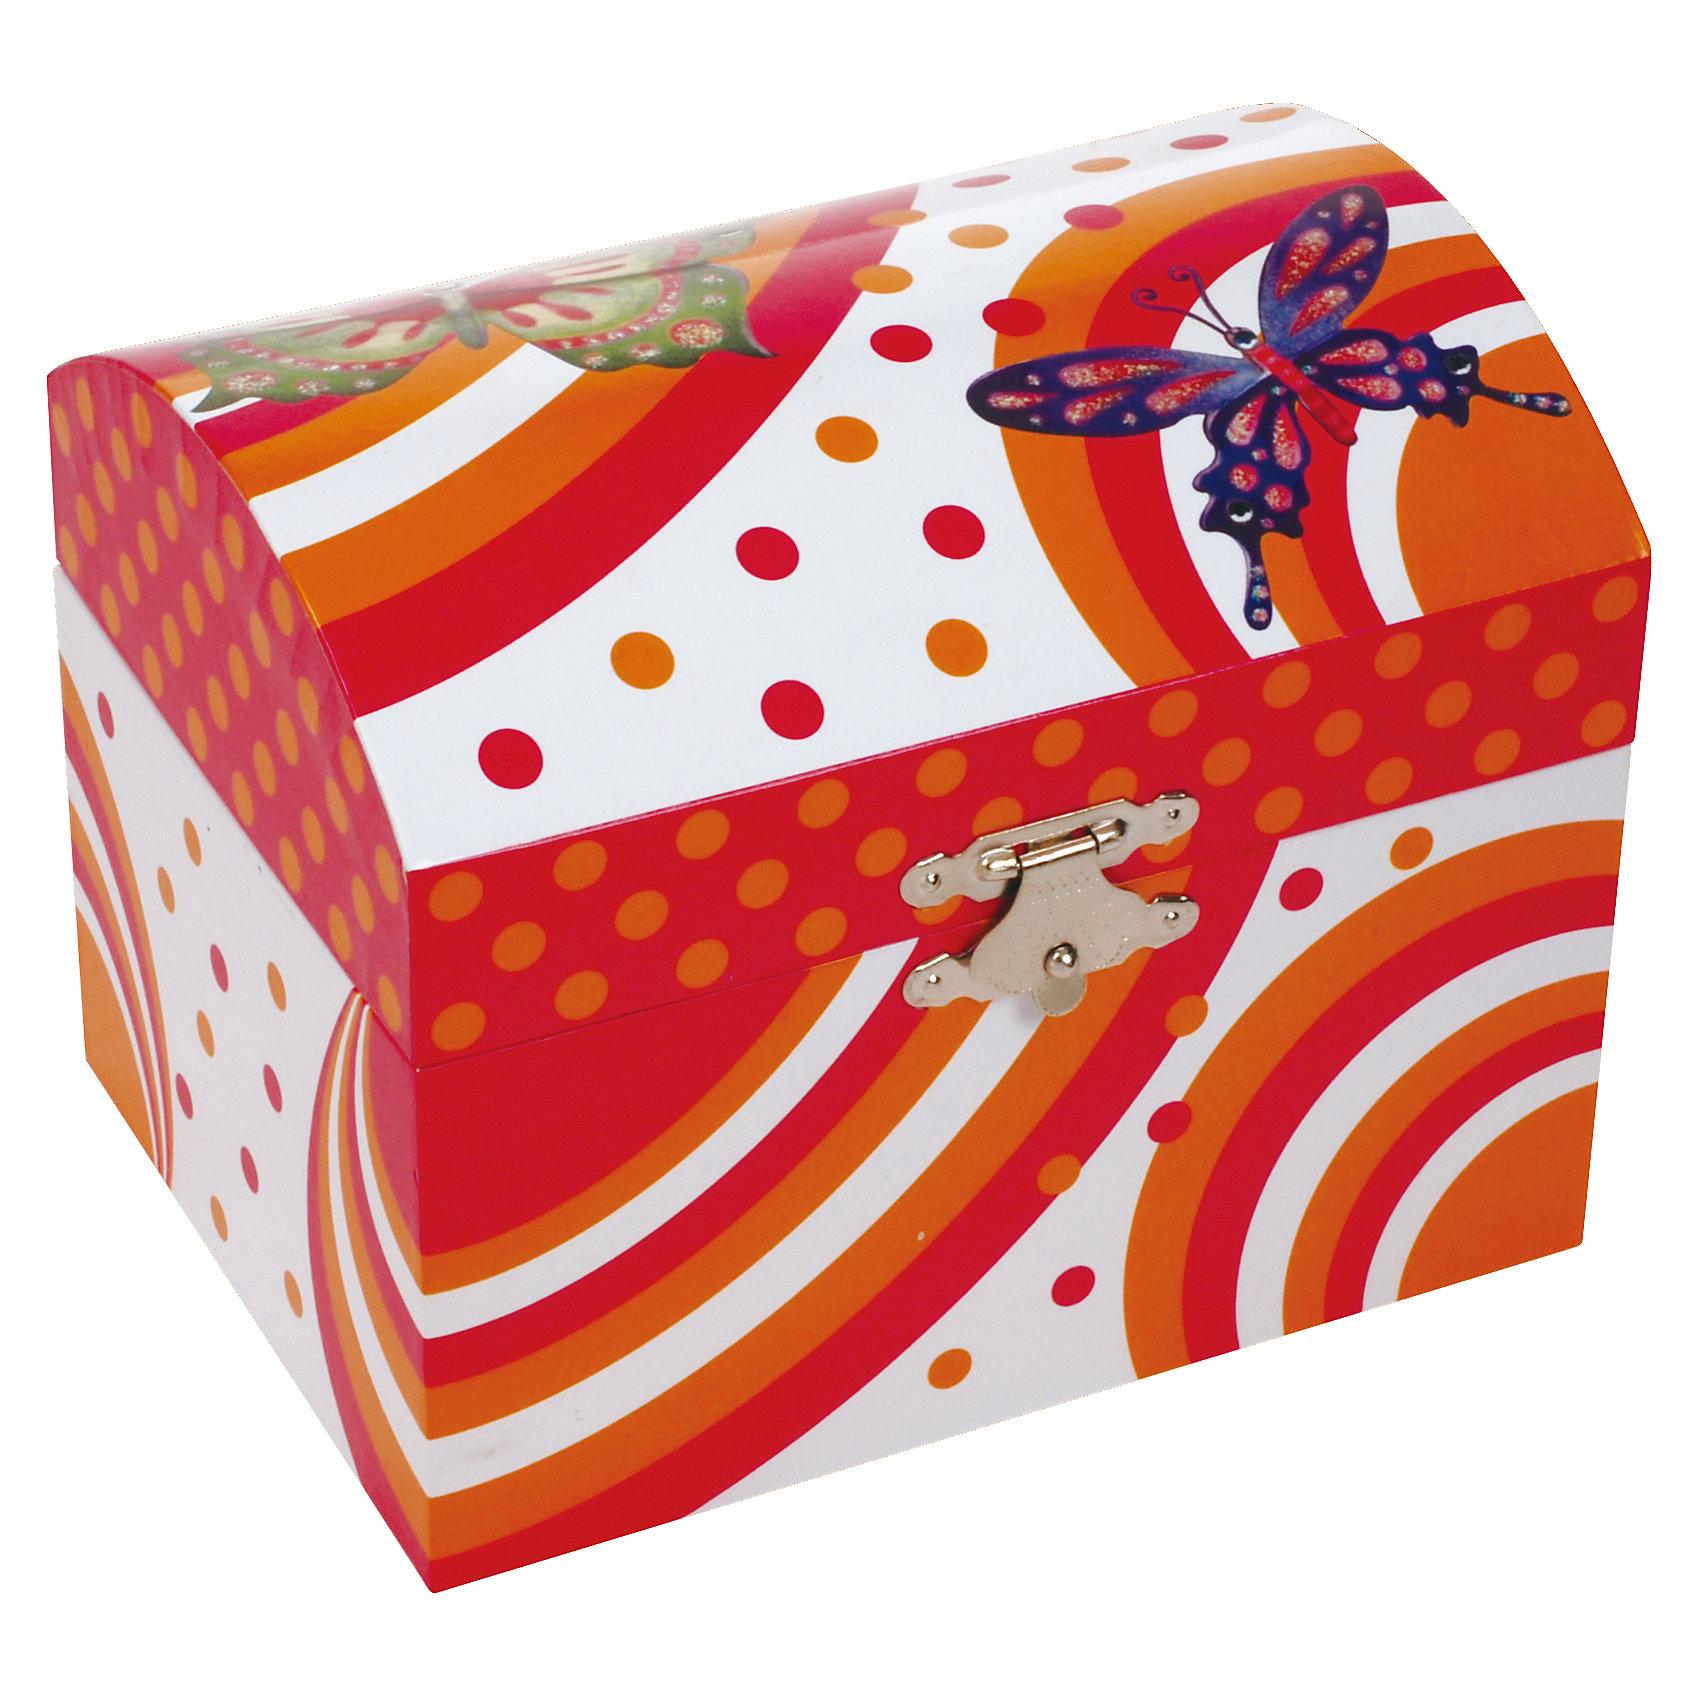 Музыкальная шкатулка, JakosМузыкальная шкатулка, Jakos (Джакос) – эта изящная шкатулка представляет собой сочетание красоты, оригинального дизайна и функциональности.<br>Музыкальная шкатулка для украшений Jakos (Джакос) из картона в форме сундучка станет прекрасным подарком для девочки. Внутри шкатулки находятся одно отделение для хранения разнообразных украшений, небольшое зеркальце, а также фигурка бабочки, которая начинает кружиться под приятную музыку, если завести механизм. Приятная мелодия музыкальной шкатулки успокоит и подарит романтическое настроение.<br><br>Дополнительная информация:<br><br>- Материал: картон, пластик<br>- С заводным механизмом<br>- Размер упаковки: 11 x 14 x 11,3 см.<br>- Вес: 298 гр.<br><br>Музыкальную шкатулку, Jakos (Джакос) можно купить в нашем интернет-магазине.<br><br>Ширина мм: 110<br>Глубина мм: 140<br>Высота мм: 113<br>Вес г: 298<br>Возраст от месяцев: 36<br>Возраст до месяцев: 168<br>Пол: Женский<br>Возраст: Детский<br>SKU: 4243860